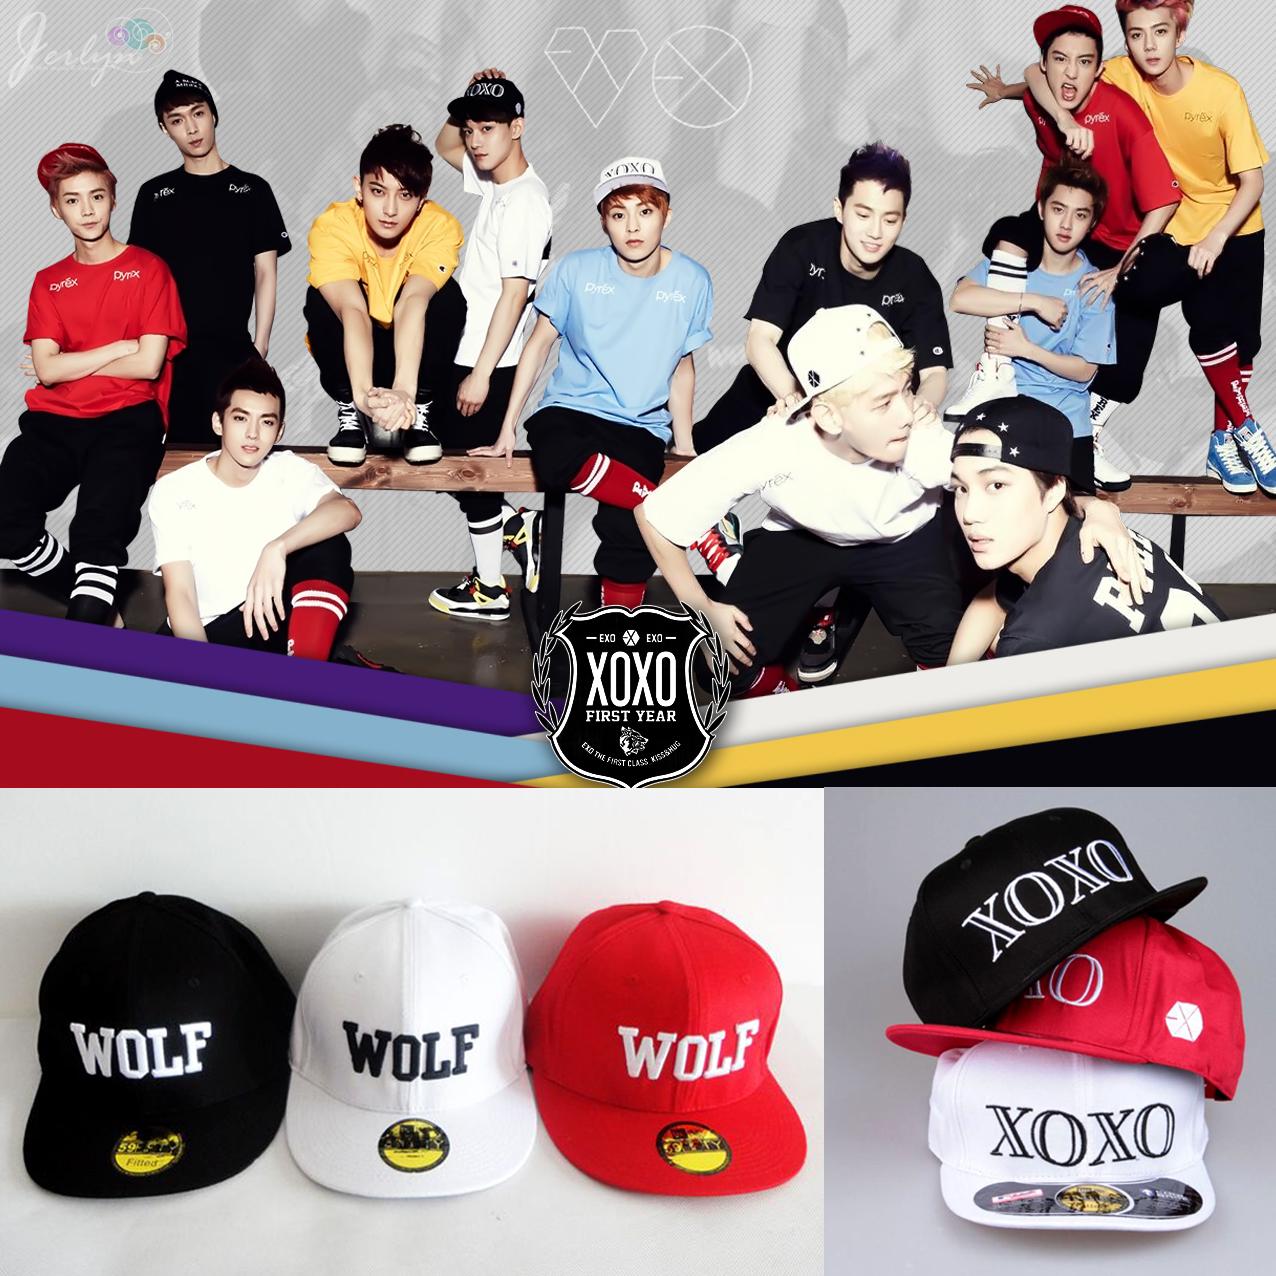 wolf应援_EXO 正规一辑 XOXO/WOLF/88 同款 刺绣 棒球鸭舌帽 现货热卖中!